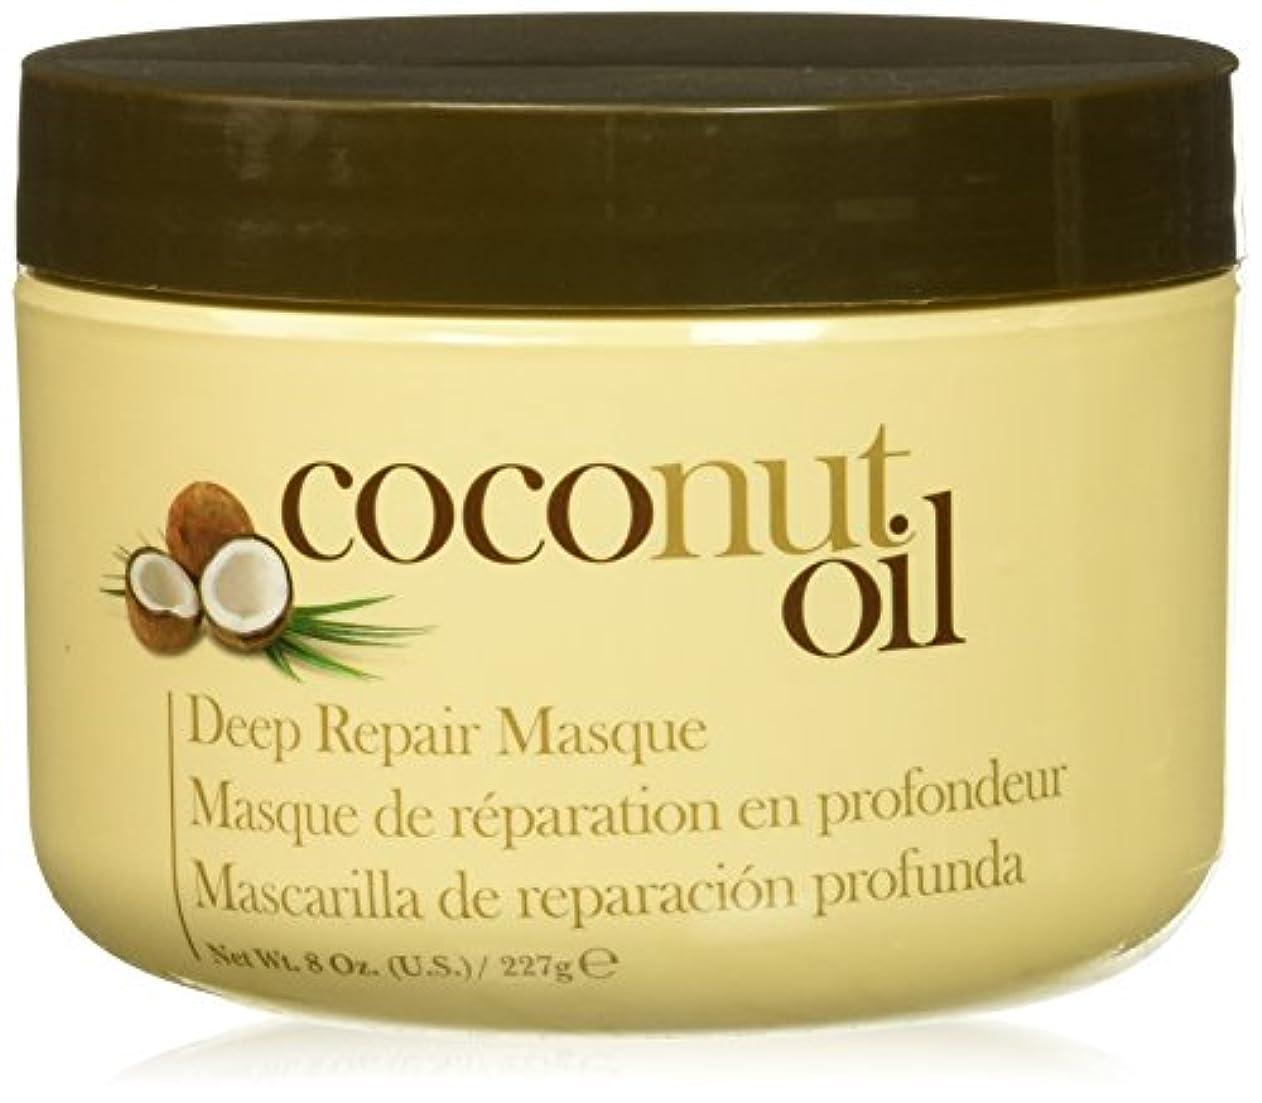 データ継続中意外Hair Chemist ヘアマスク ココナッツ オイル ディープリペアマスク 227g Coconut Oil Deep Repair Mask 1474 New York